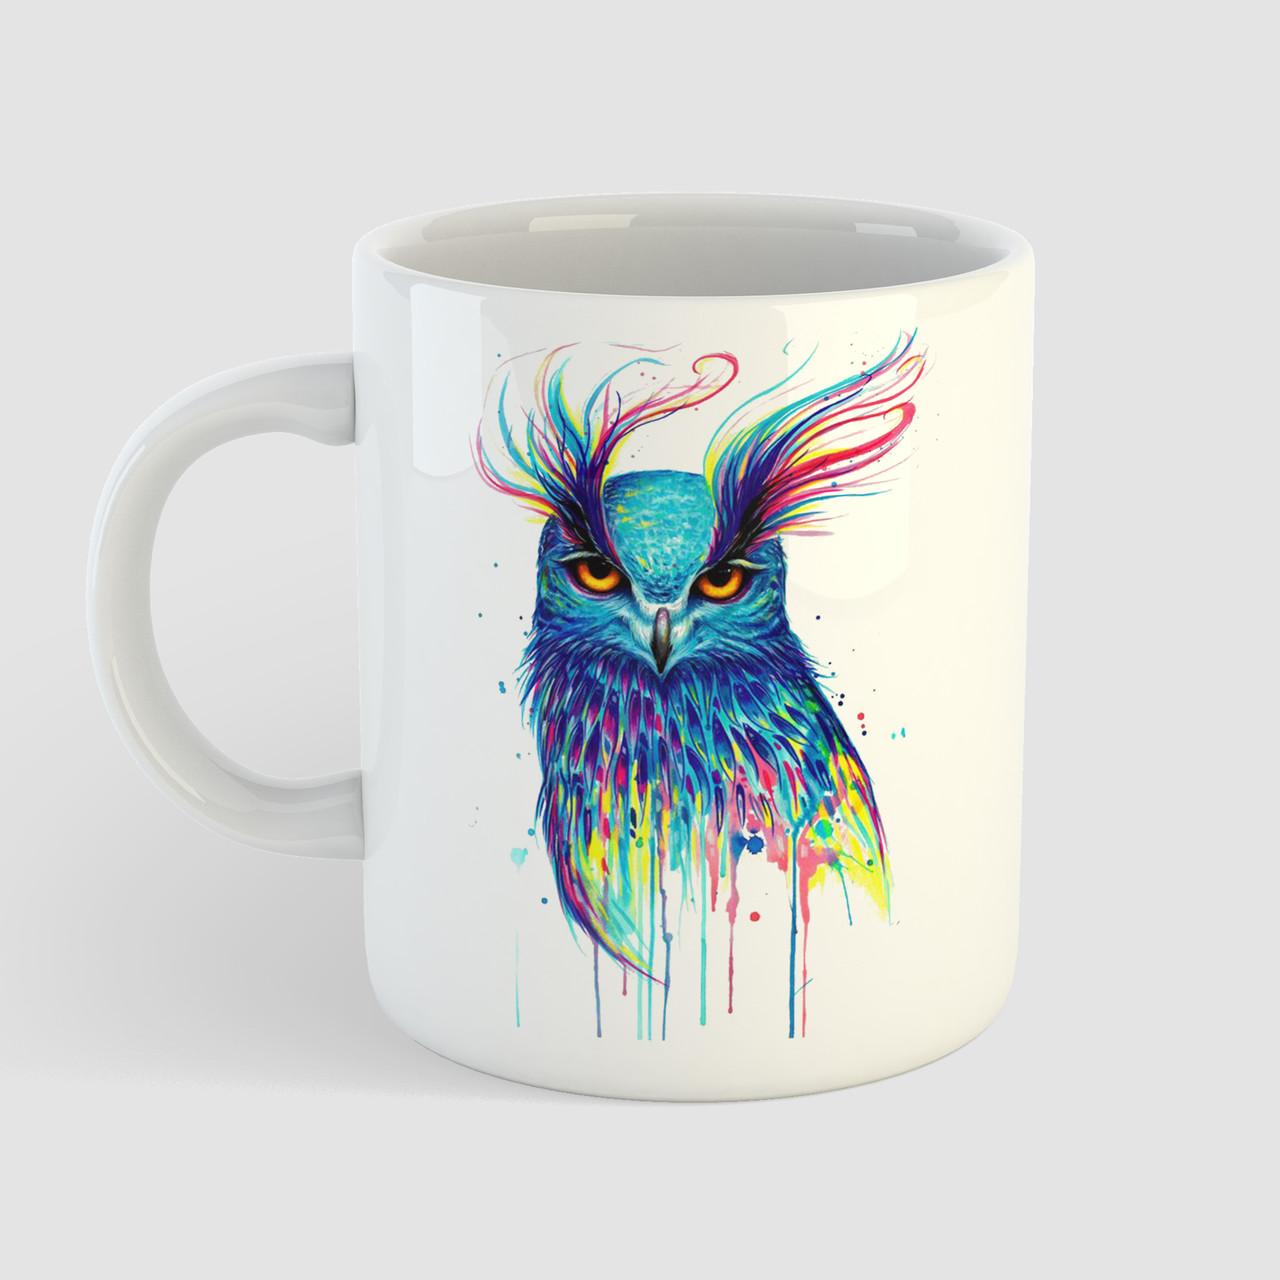 Кружка с принтом Сова арт. Owl art. Чашка с фото